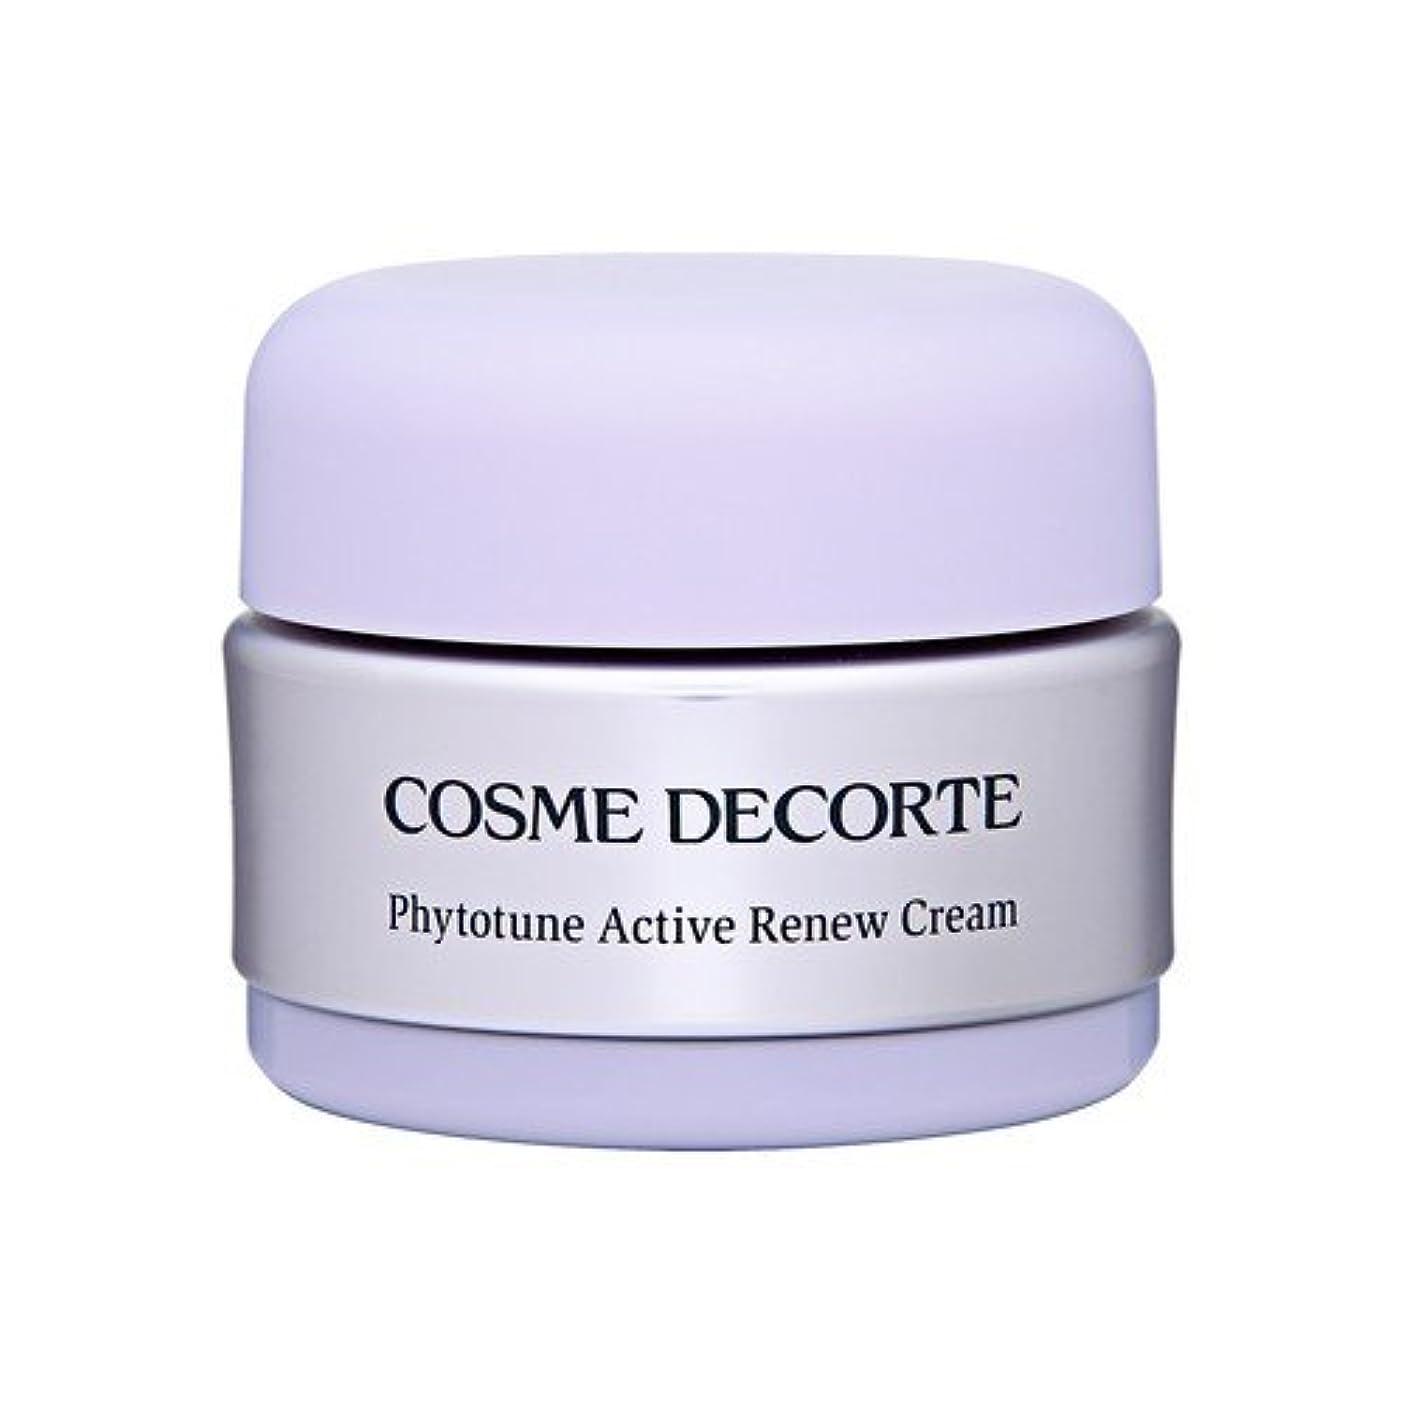 それる代替案何でもコスメ デコルテ(COSME DECORTE) フィトチューンアクティブリニュークリーム 30g [364491][並行輸入品]